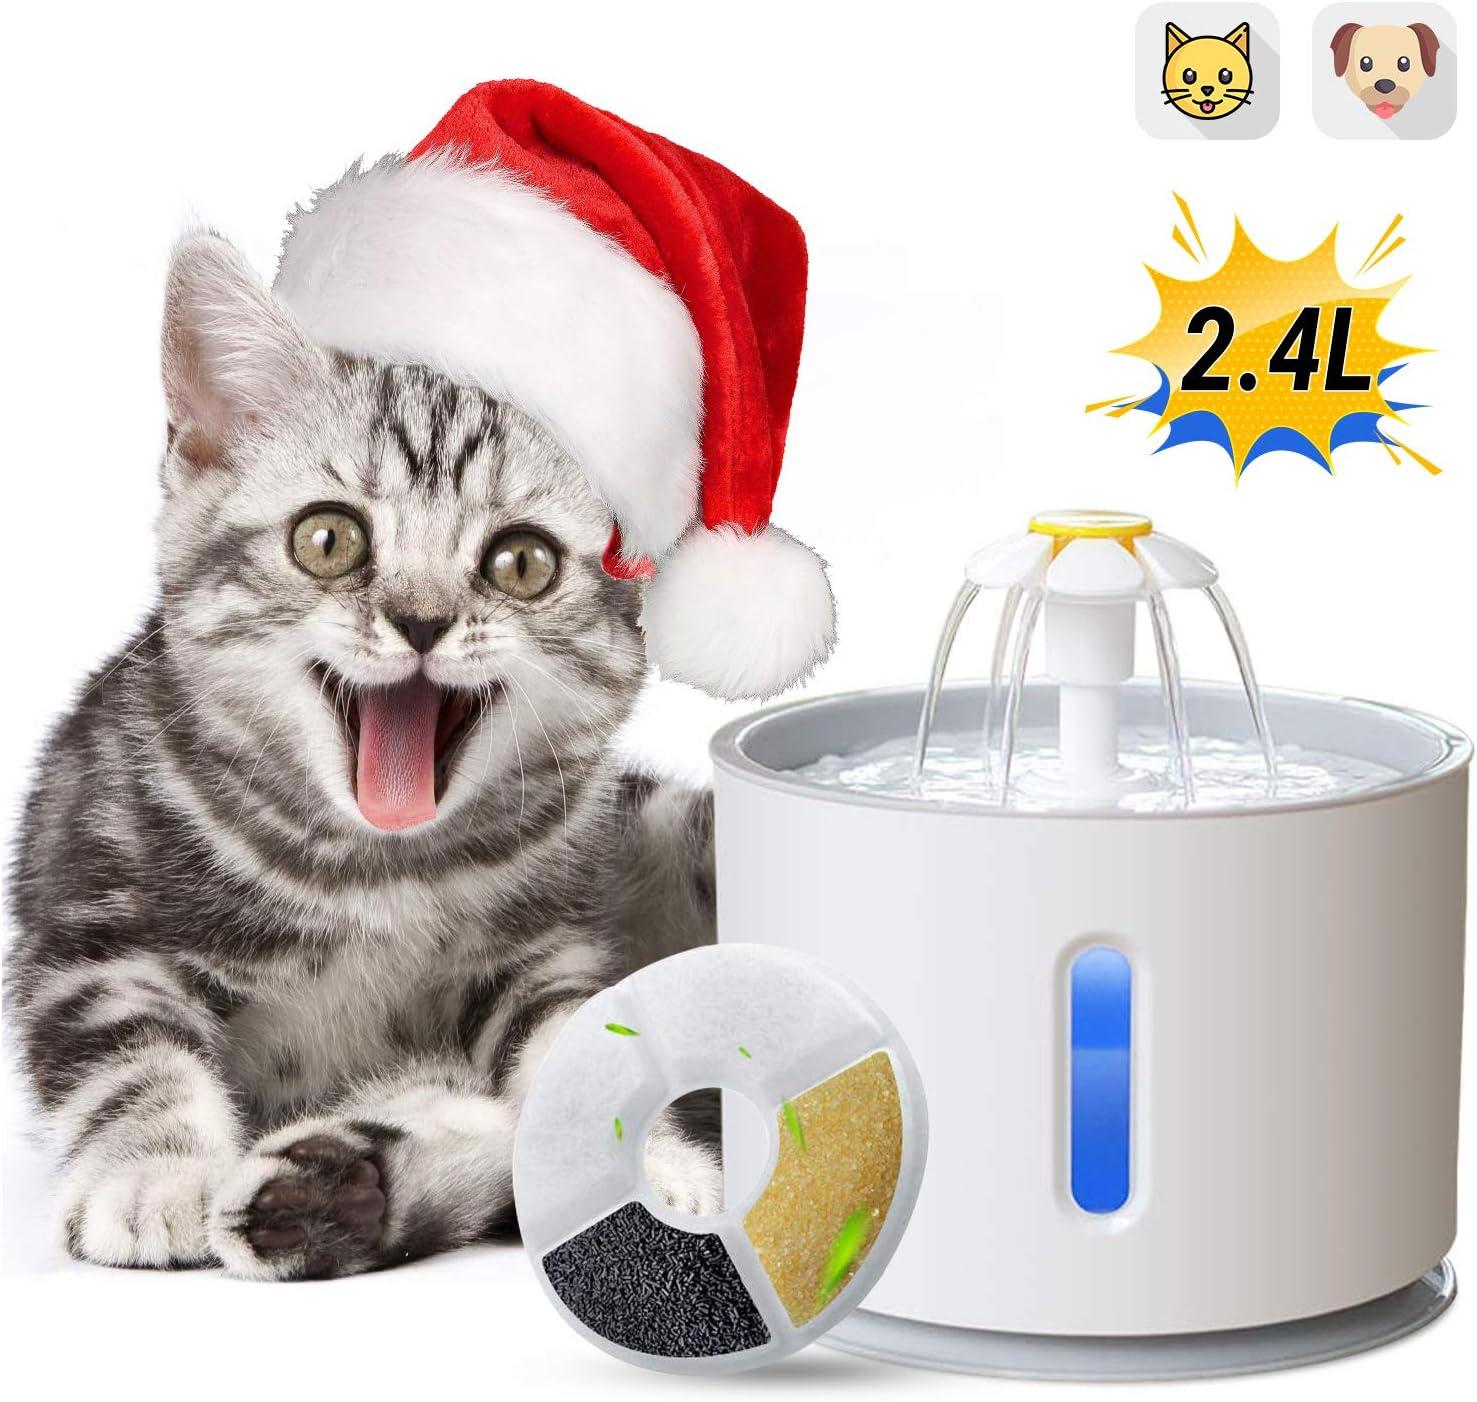 ADOV Fuente para Gatos, 2.4L Dispensador Automático de Agua Eléctrico con Luz LED y Filtro de Reemplazable, Flor Portátil Estilo Bebedero para Gatos, Perros y Pequeños Animales (Gris)